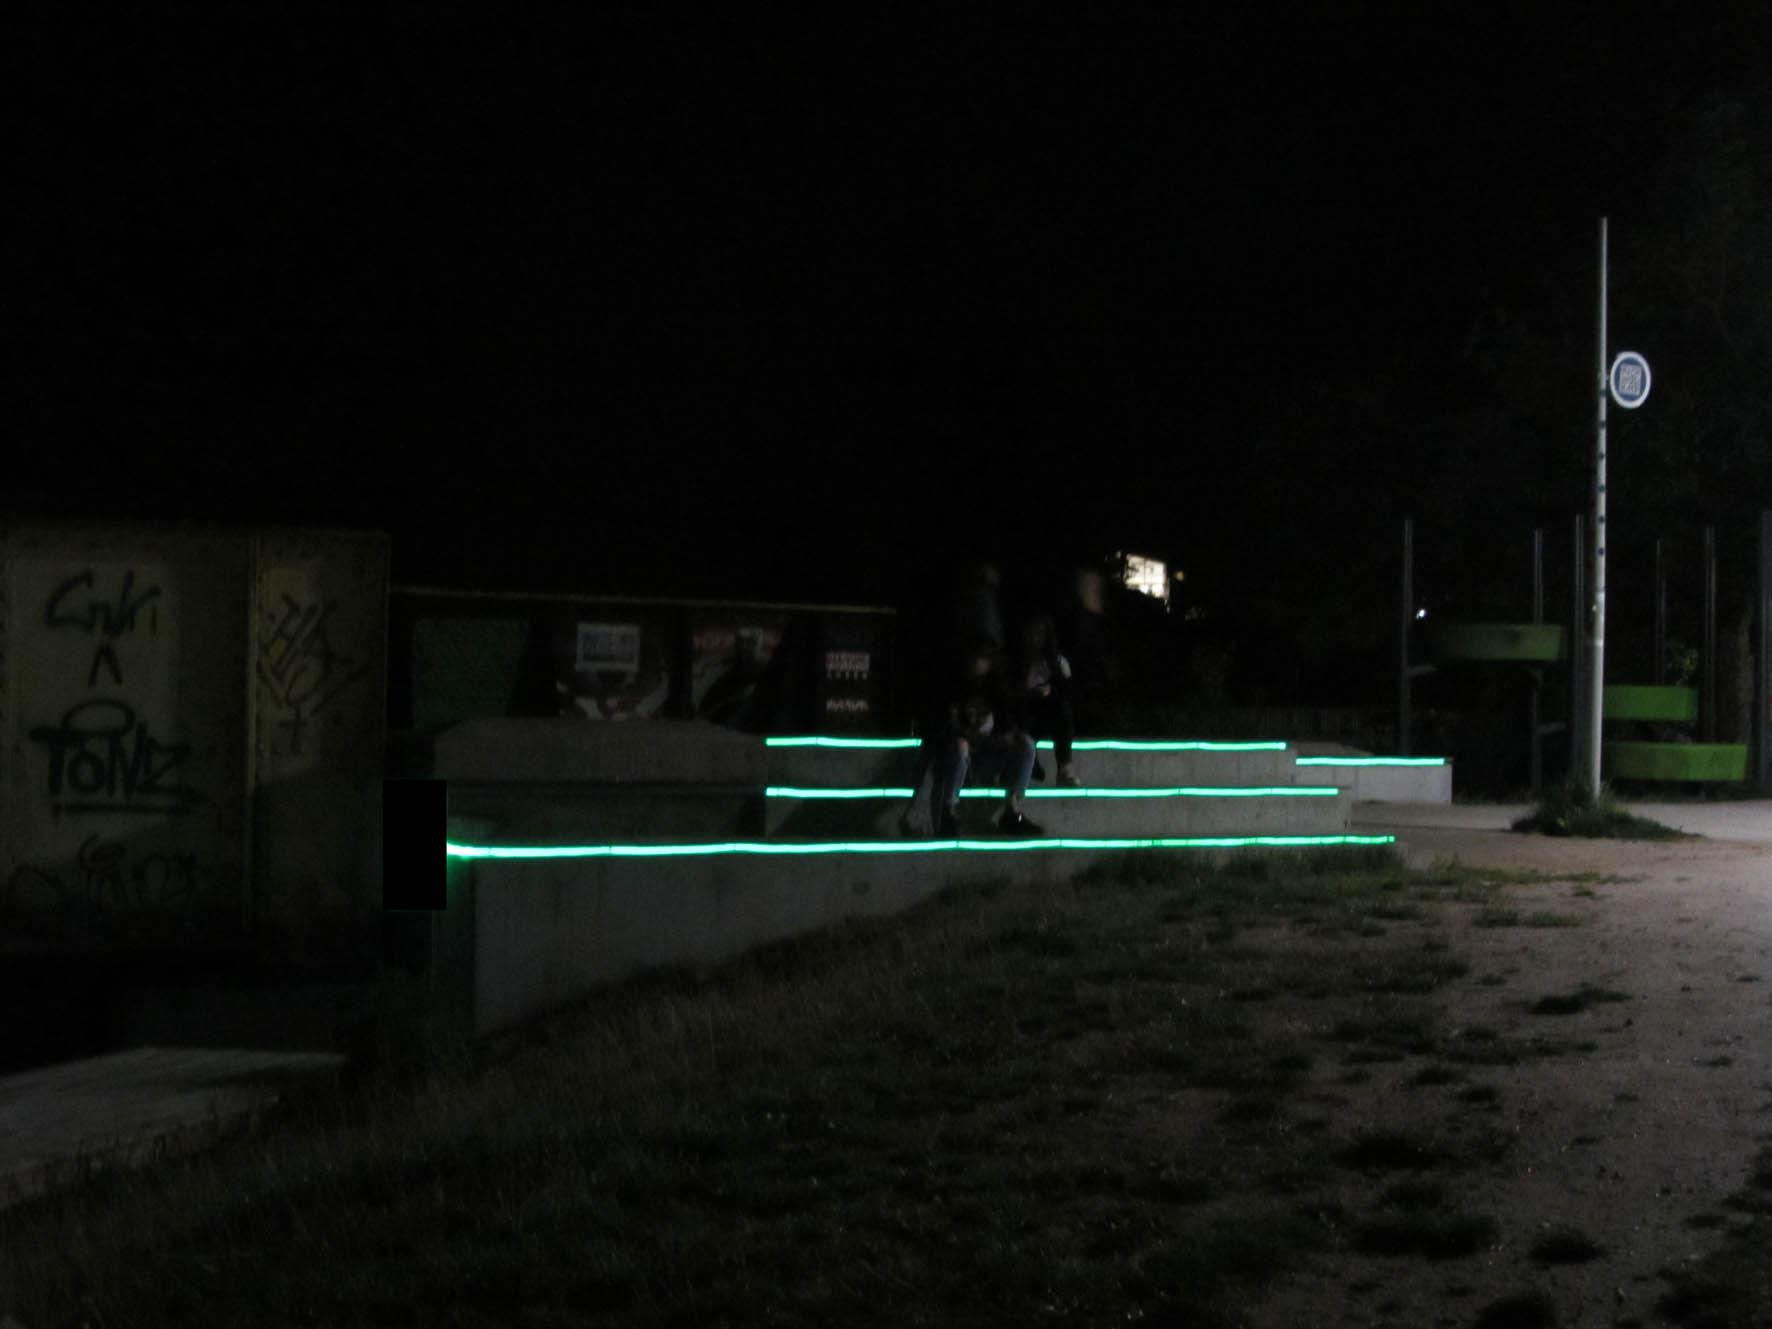 ... ved den farvede bro ved Kolding Å. D-sign Tegnestuen har stået for design og projektering for Kolding Kommune. Roblon Lighting har leveret fiberlyset og ... & Byrum - D-sign Tegnestuen